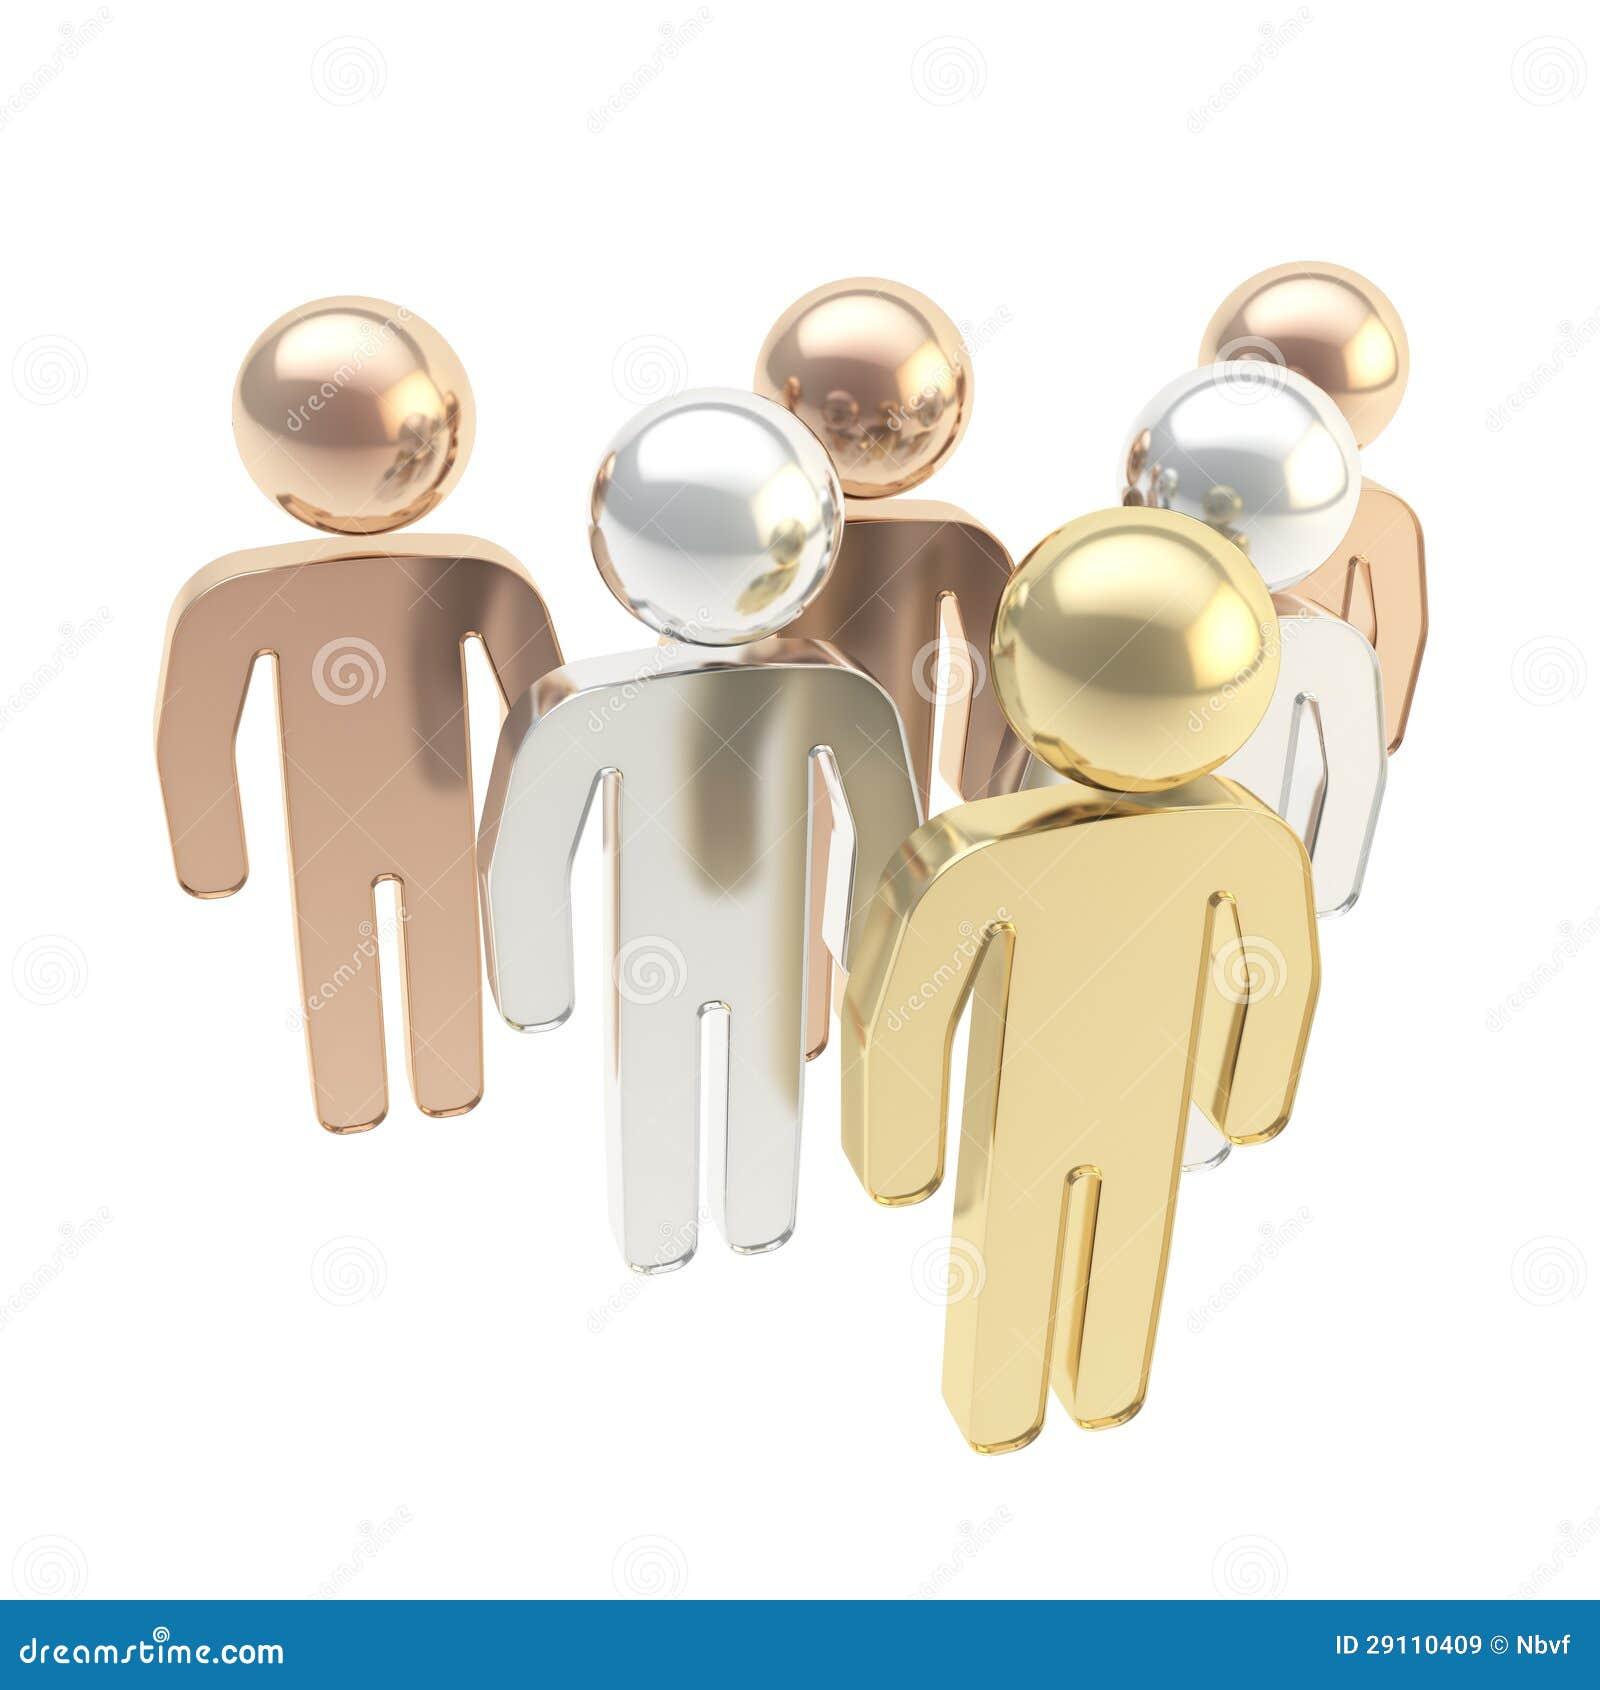 Six chiffres humains symboliques comme métaphore de hiérarchie